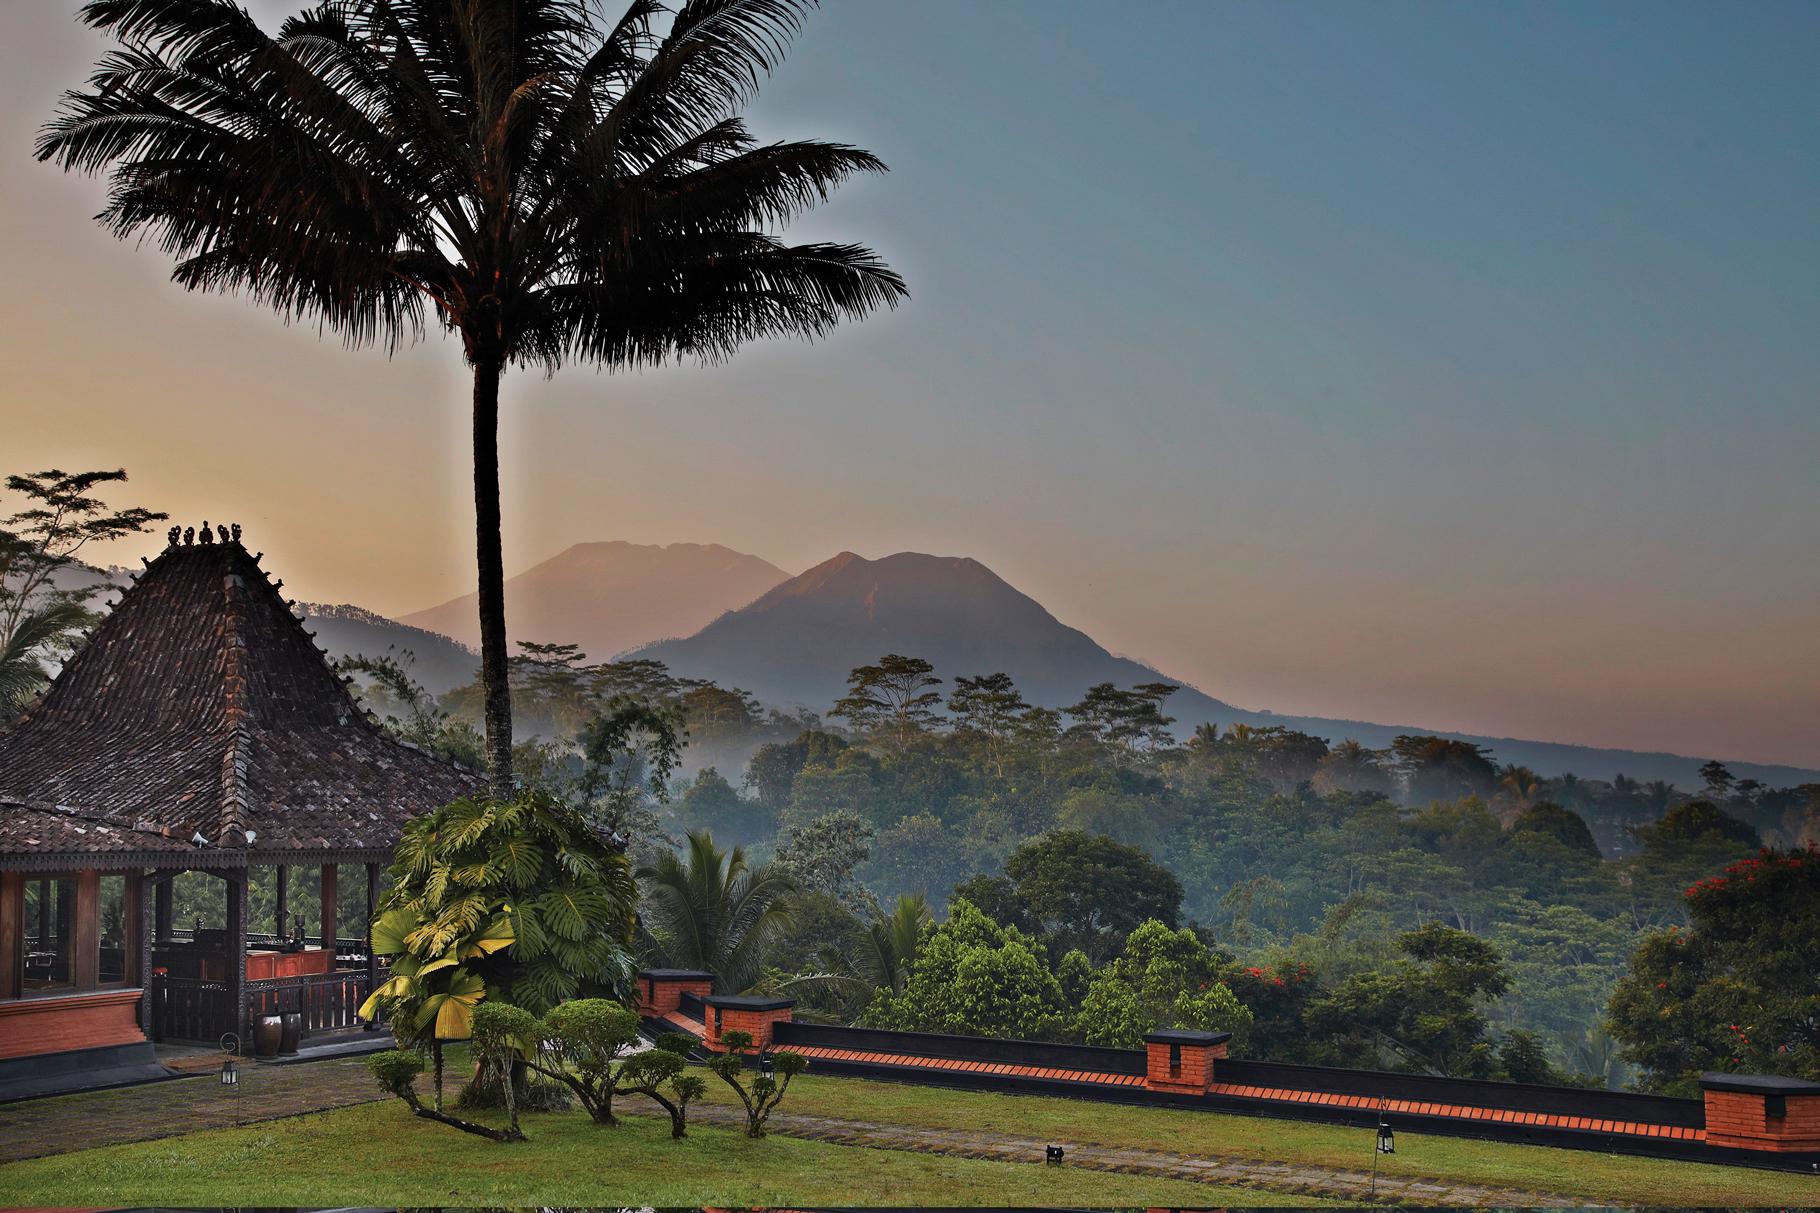 Pemandangan restoran dengan latar belakang pegunungan.